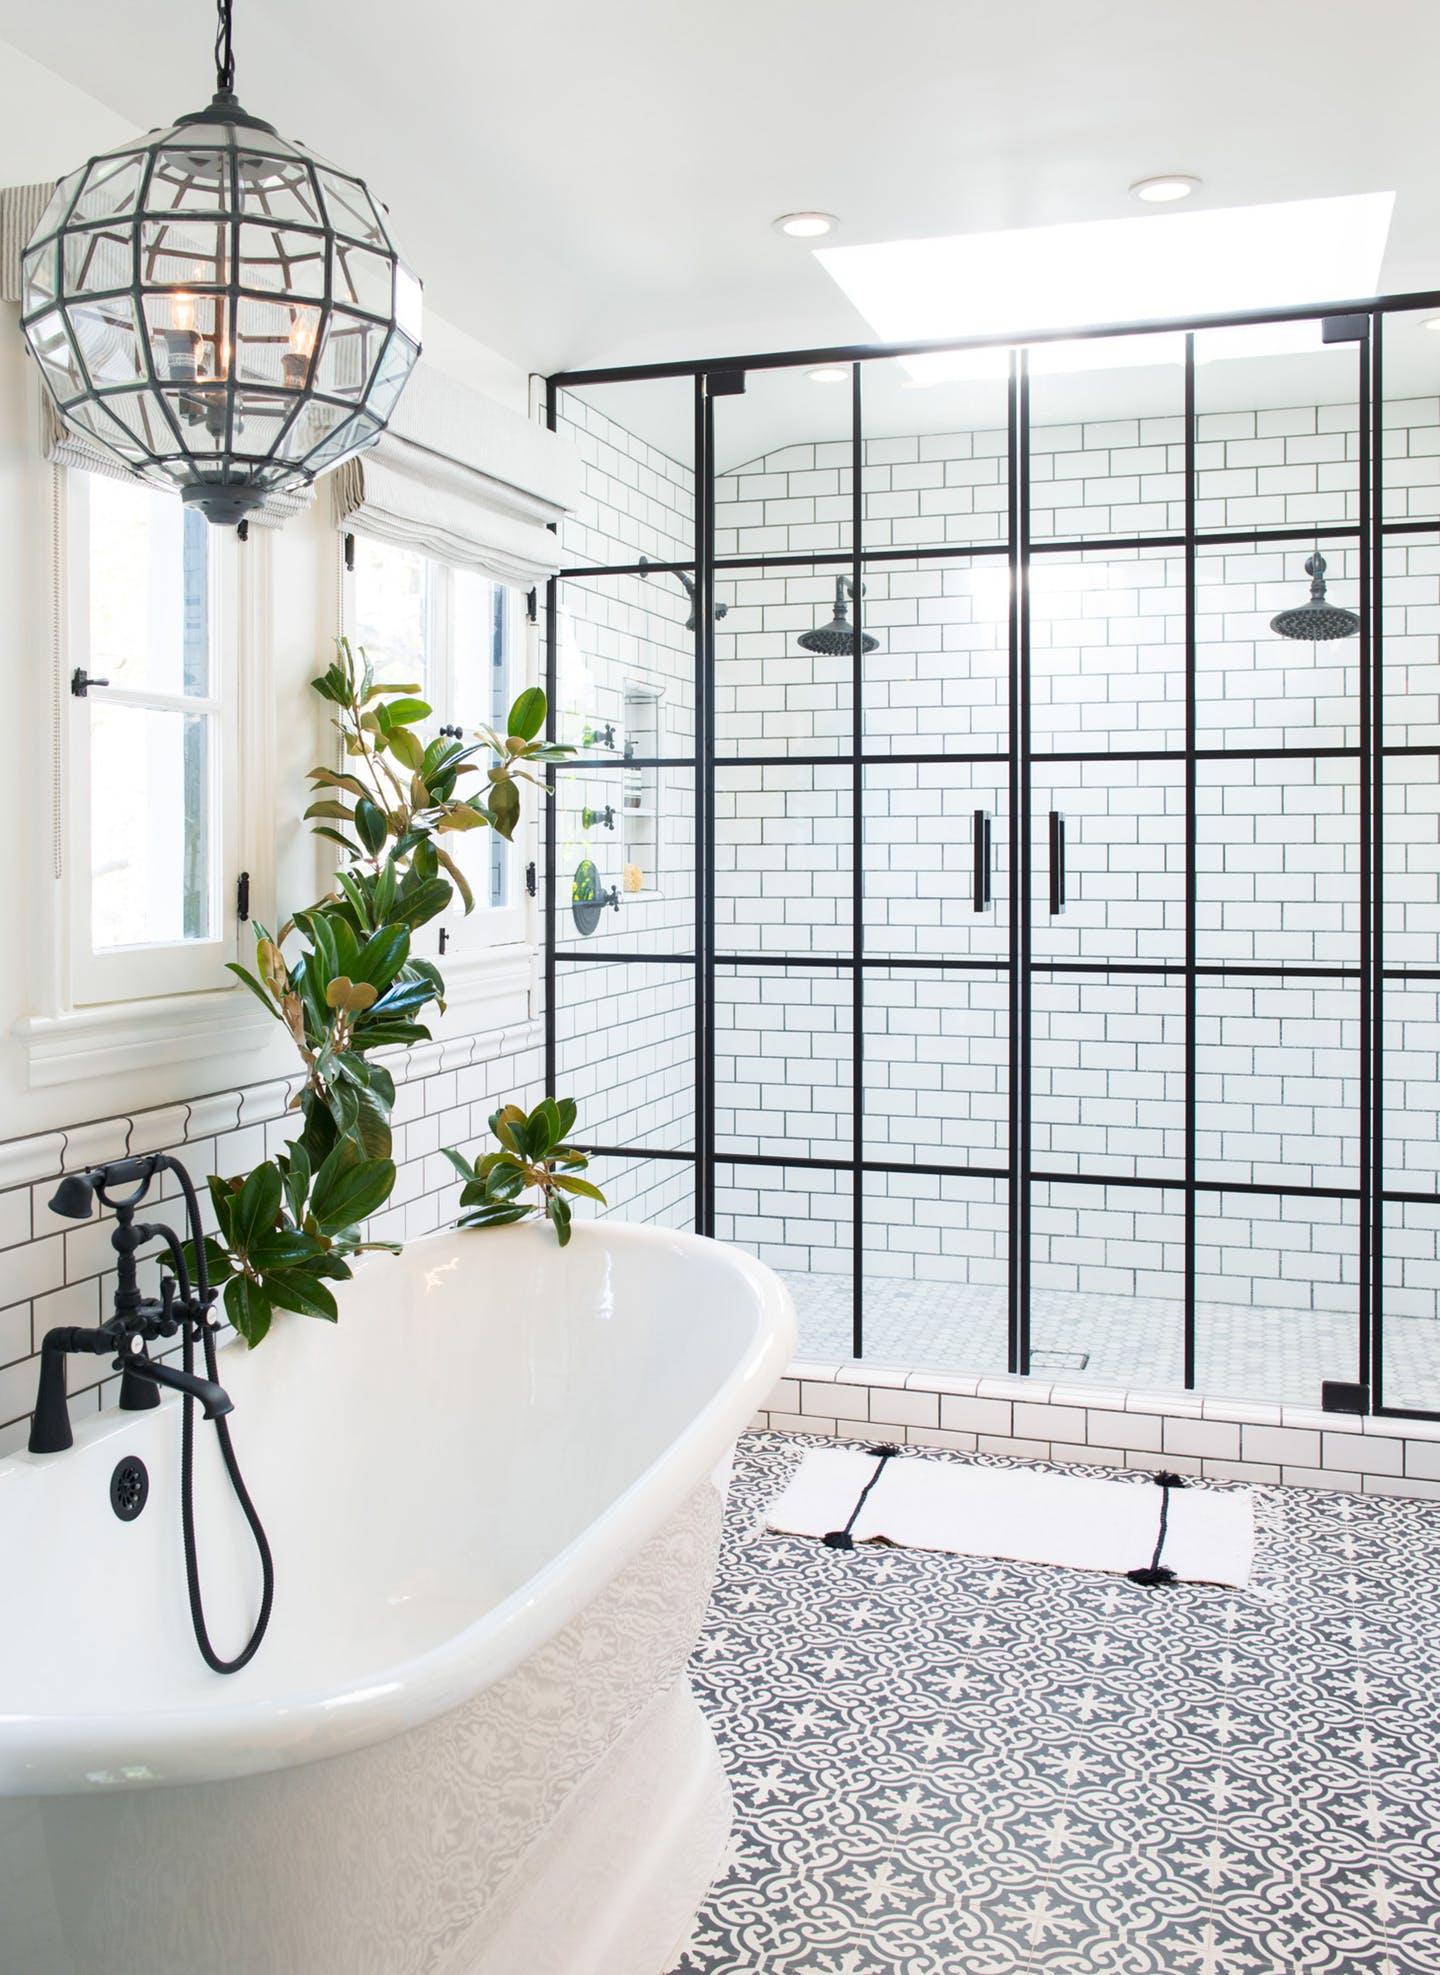 Ванная комната с душевой кабиной в индустриальном стиле